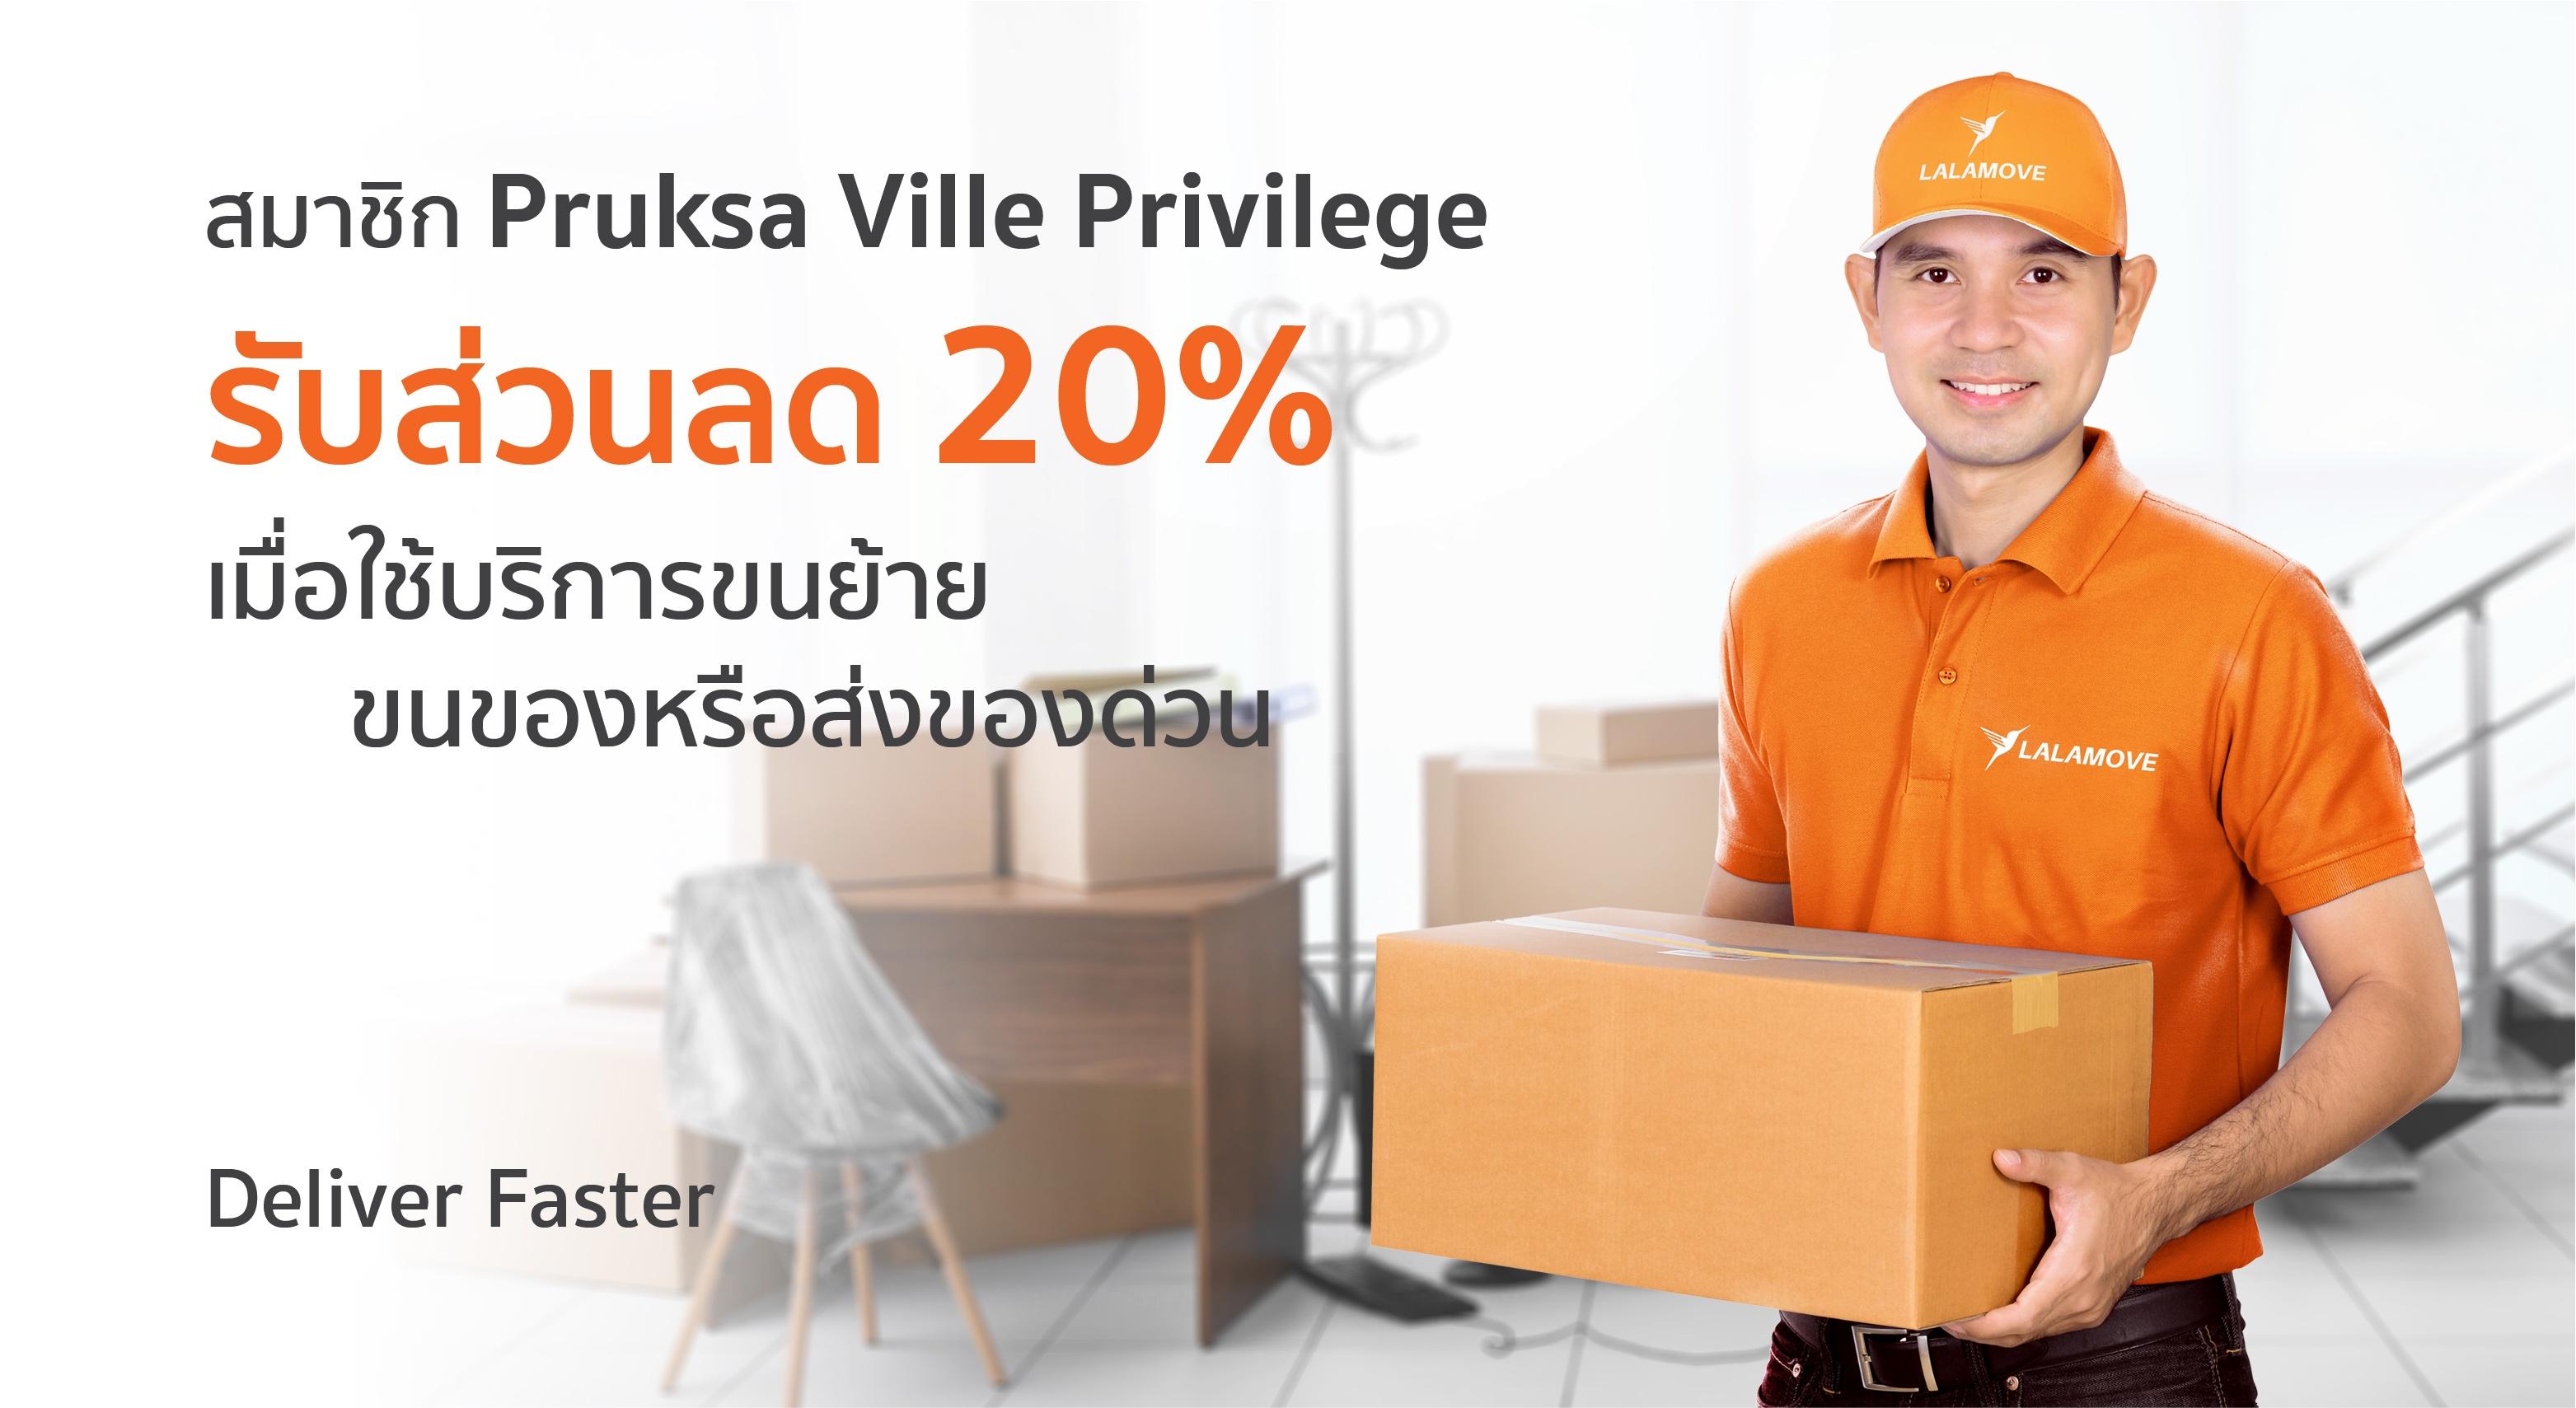 Pruksa Ville Privilege มอบส่วนลด 20% เมื่อใช้บริการขนย้าย ขนของหรือส่งของด่วนกับ Lalamove